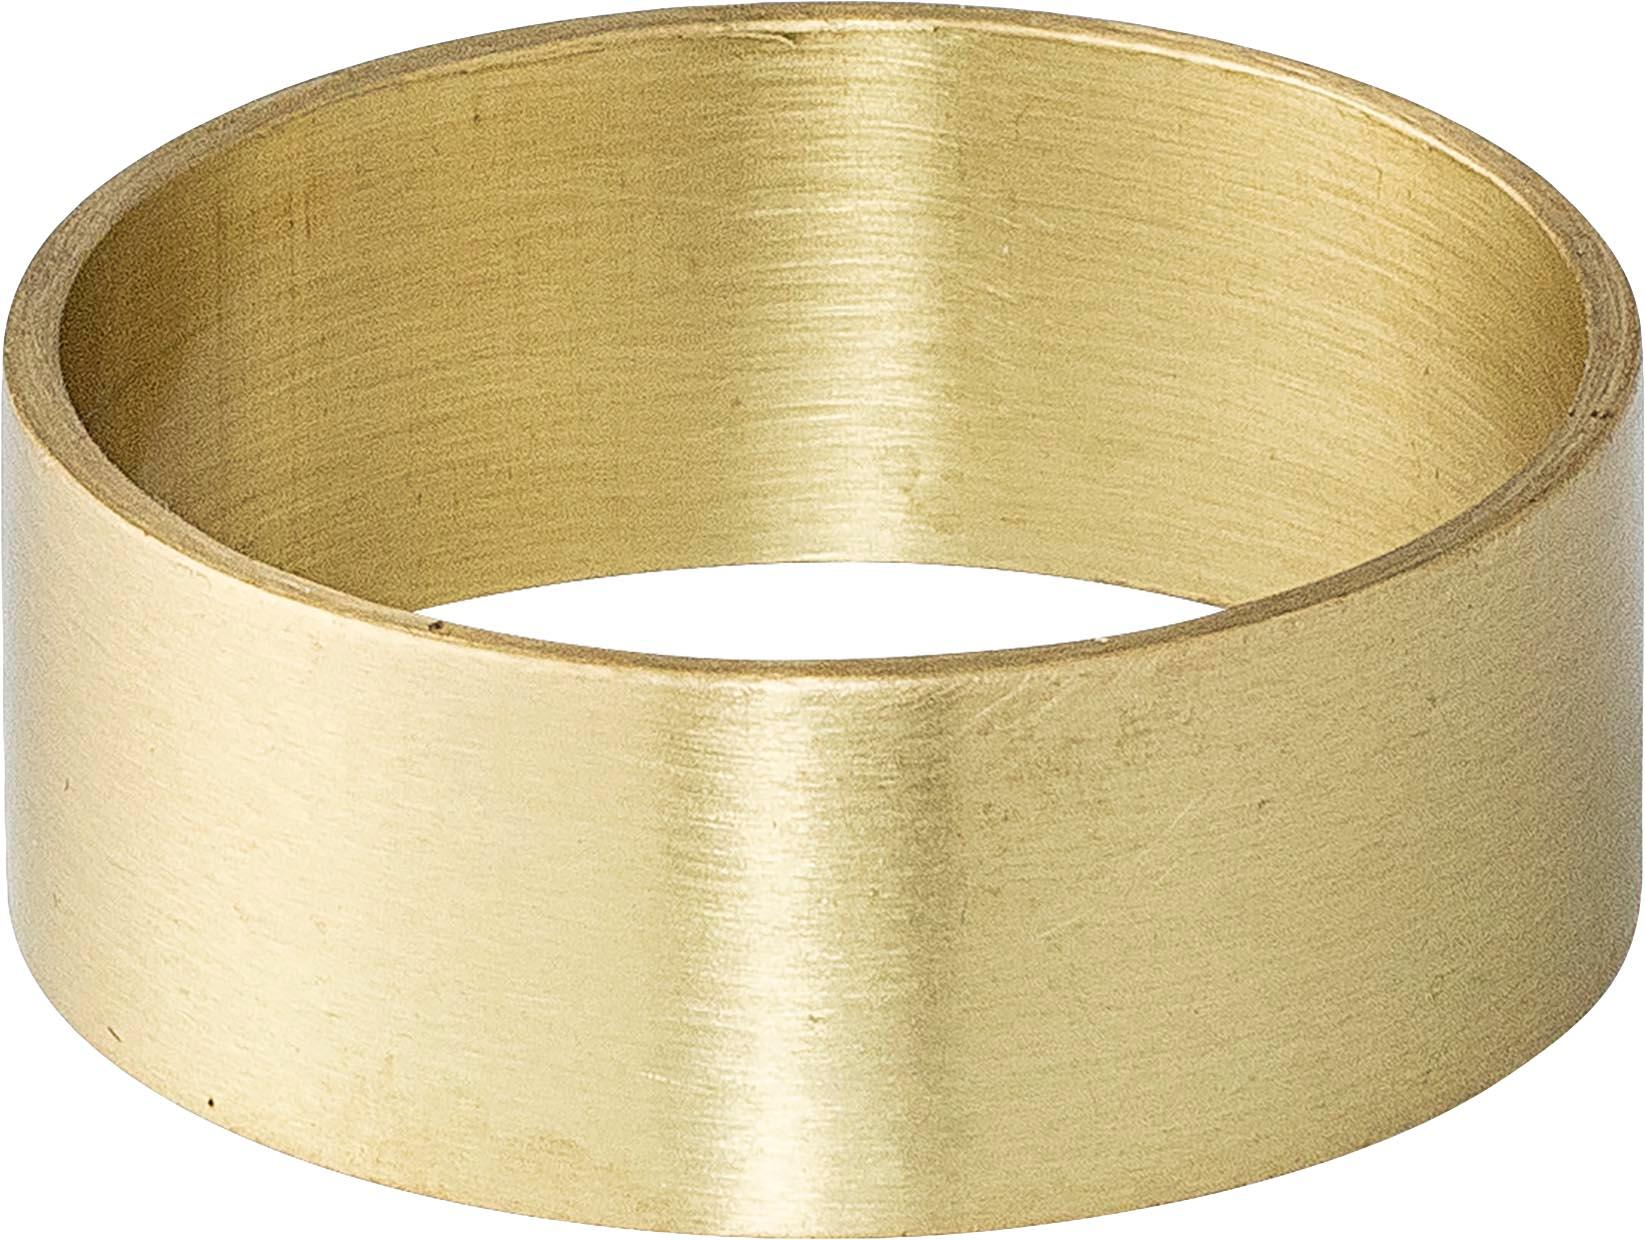 Obrączka na serwetkę Ronja, 4szt., Mosiądz, Mosiądz, Ø 5 cm